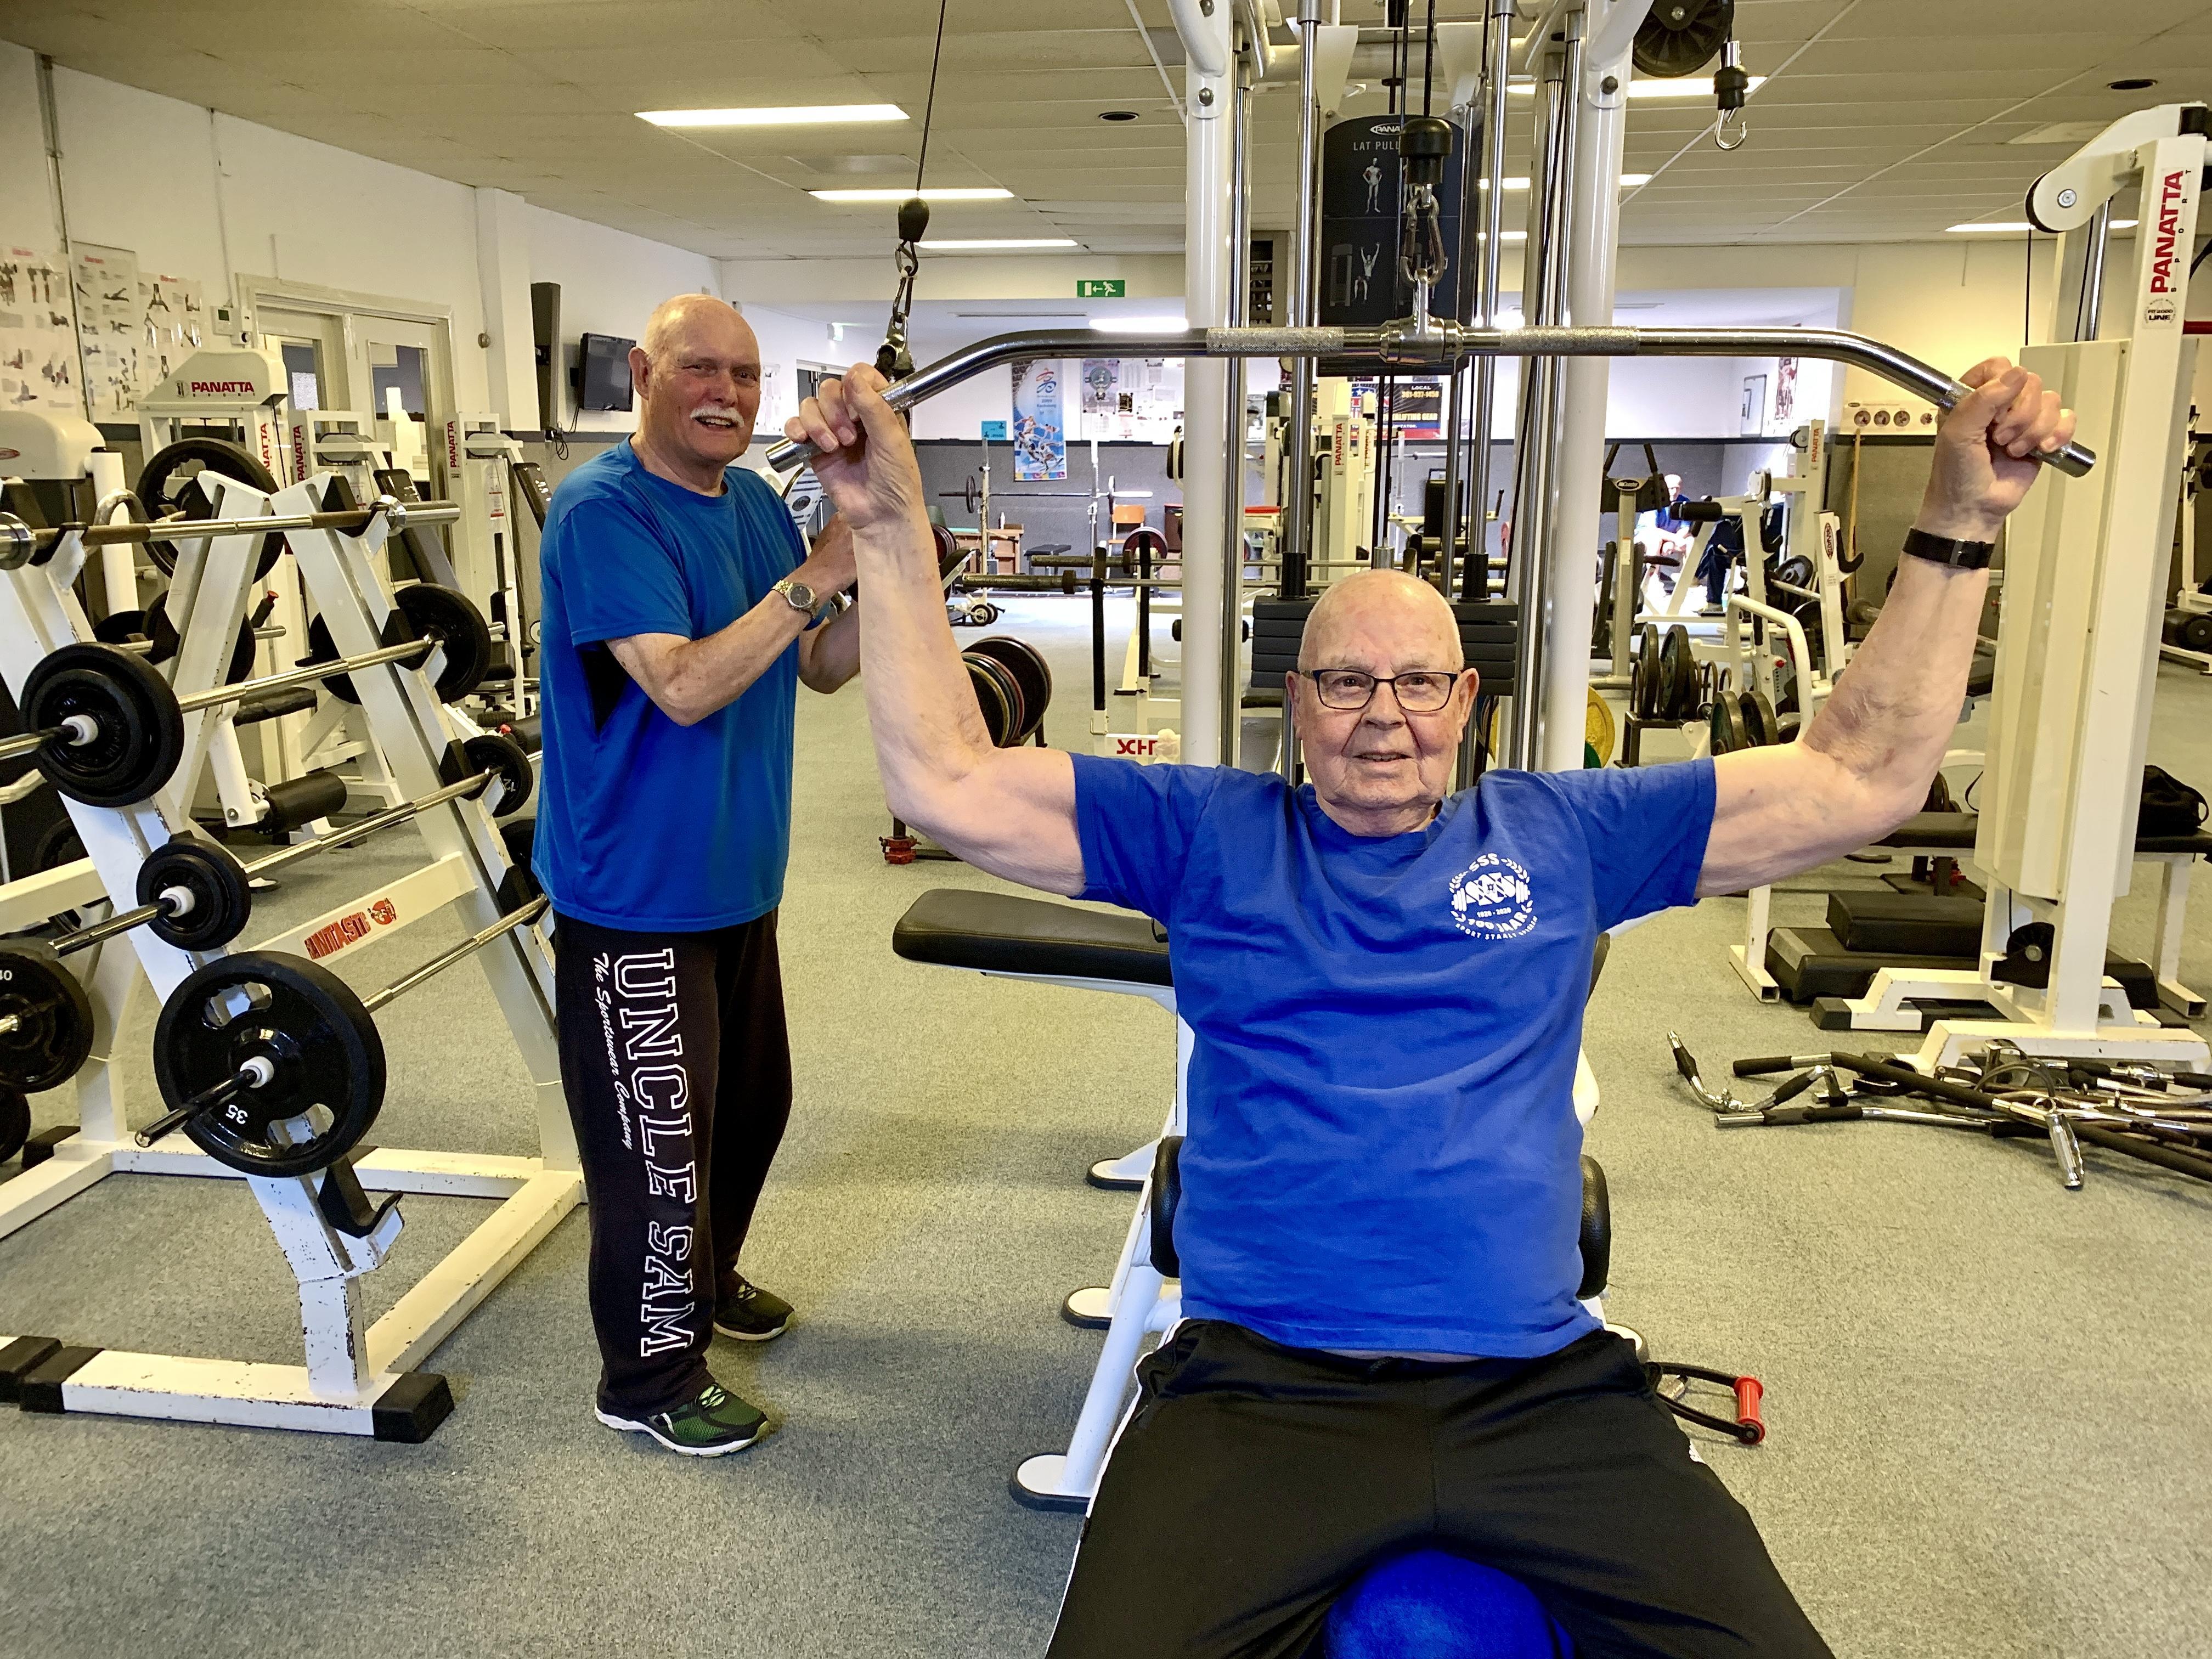 ,,Waar ik tegenop zie is dat je niks meer kunt. Tot die tijd ga ik door'', zegt Gijs (84). Met vaste trainingsmaat Dolf (73) is hij twee keer in de week bij krachtsportvereniging SSS aan de gang.